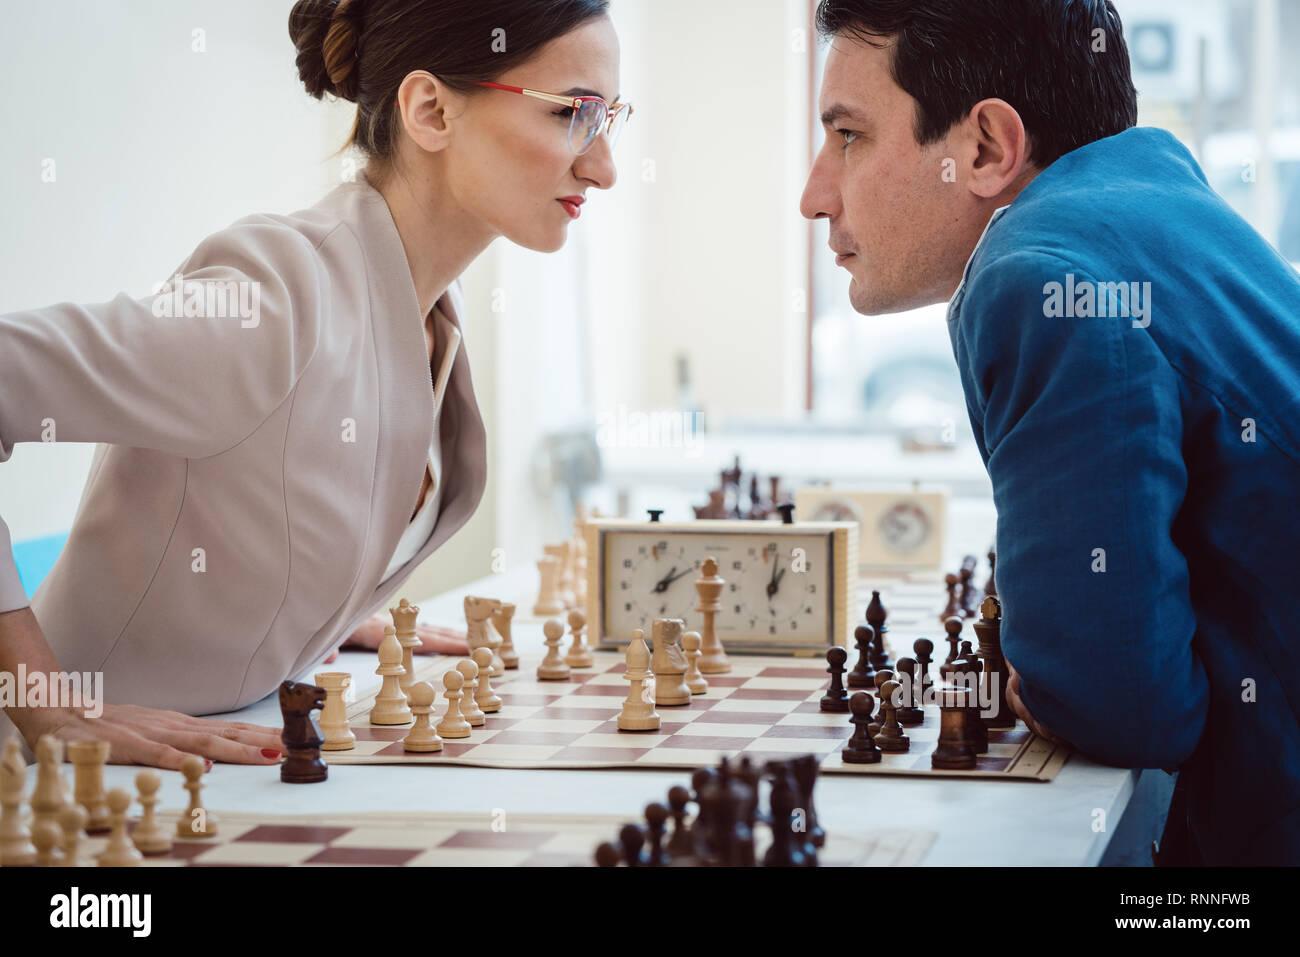 Concepto de enfrentamiento, empresarios jugando ajedrez Imagen De Stock